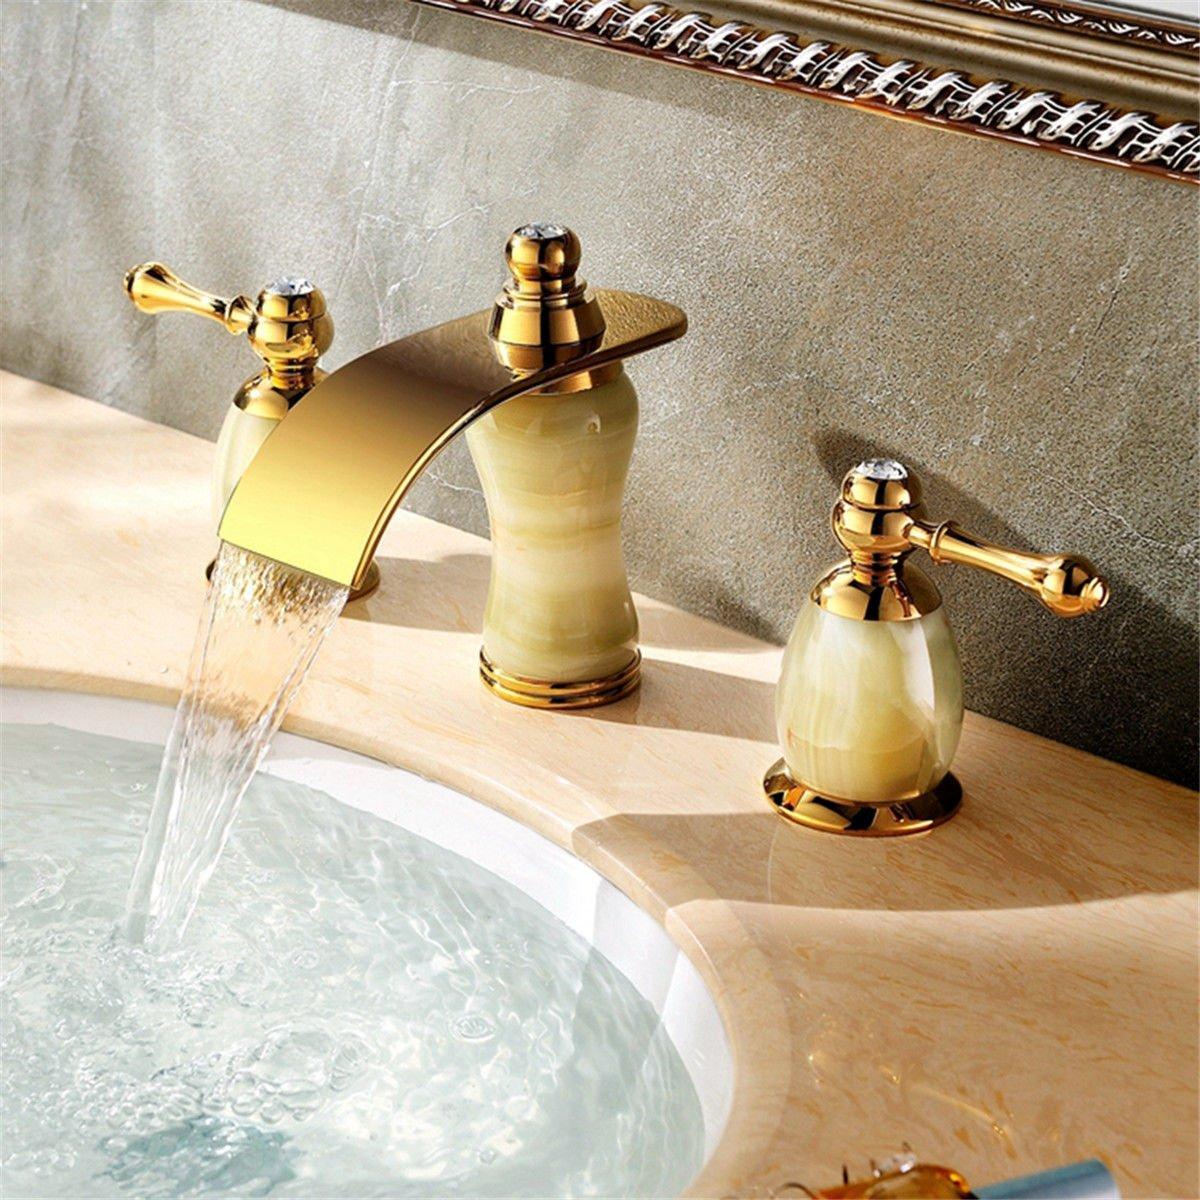 LaLF European Faucet Jade Falls Exit Hot and Cold Water Bathroom Basin Mixer ThreePiece